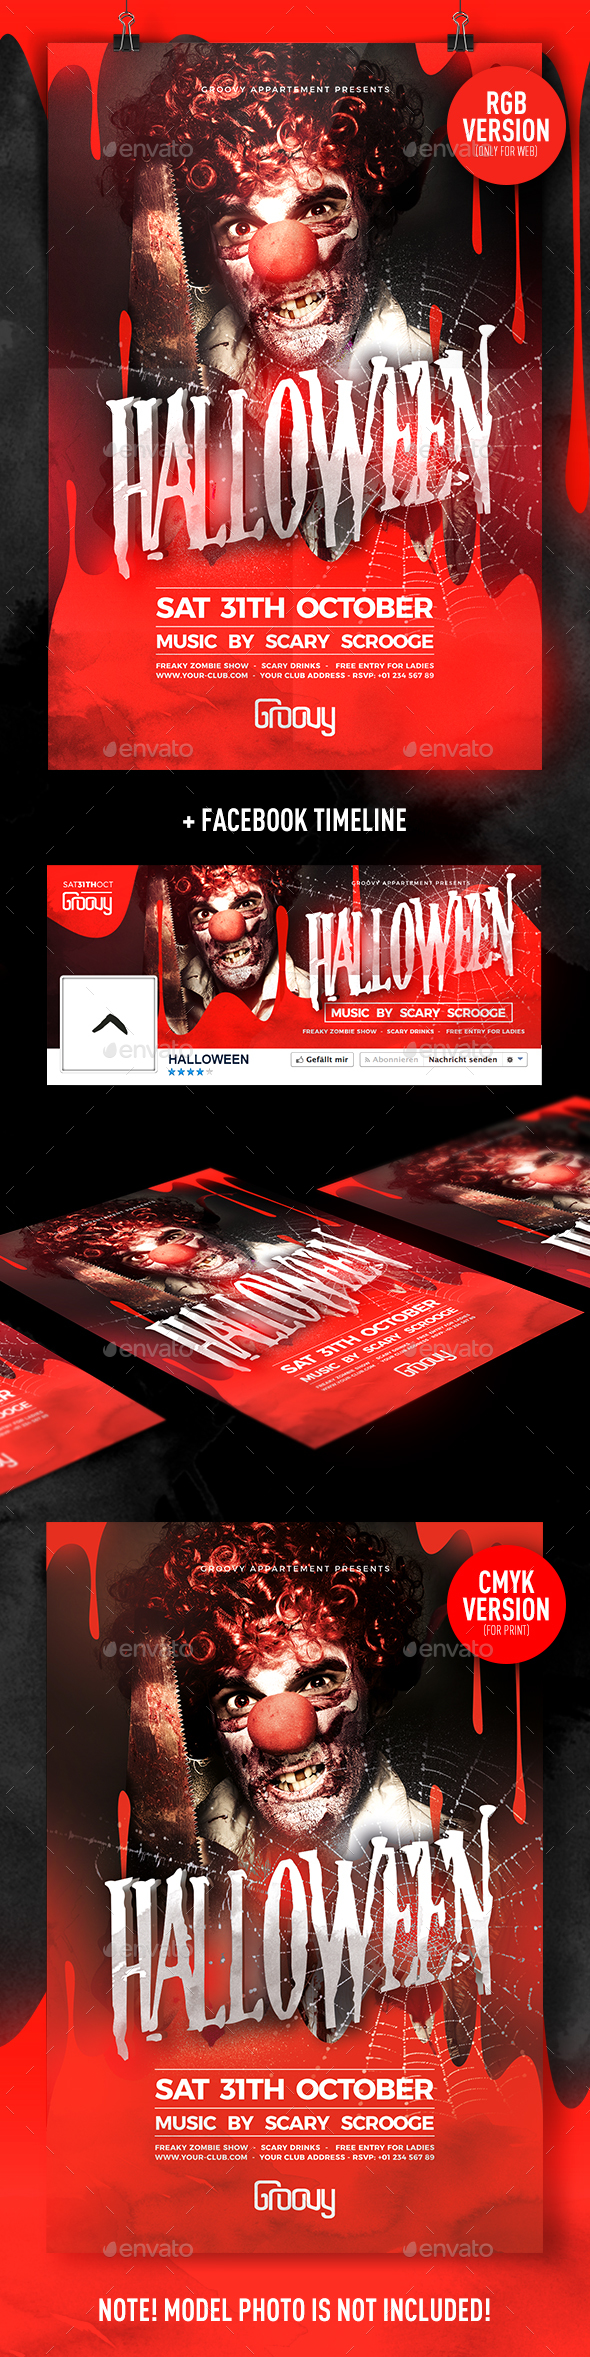 Halloween V2 Flyer